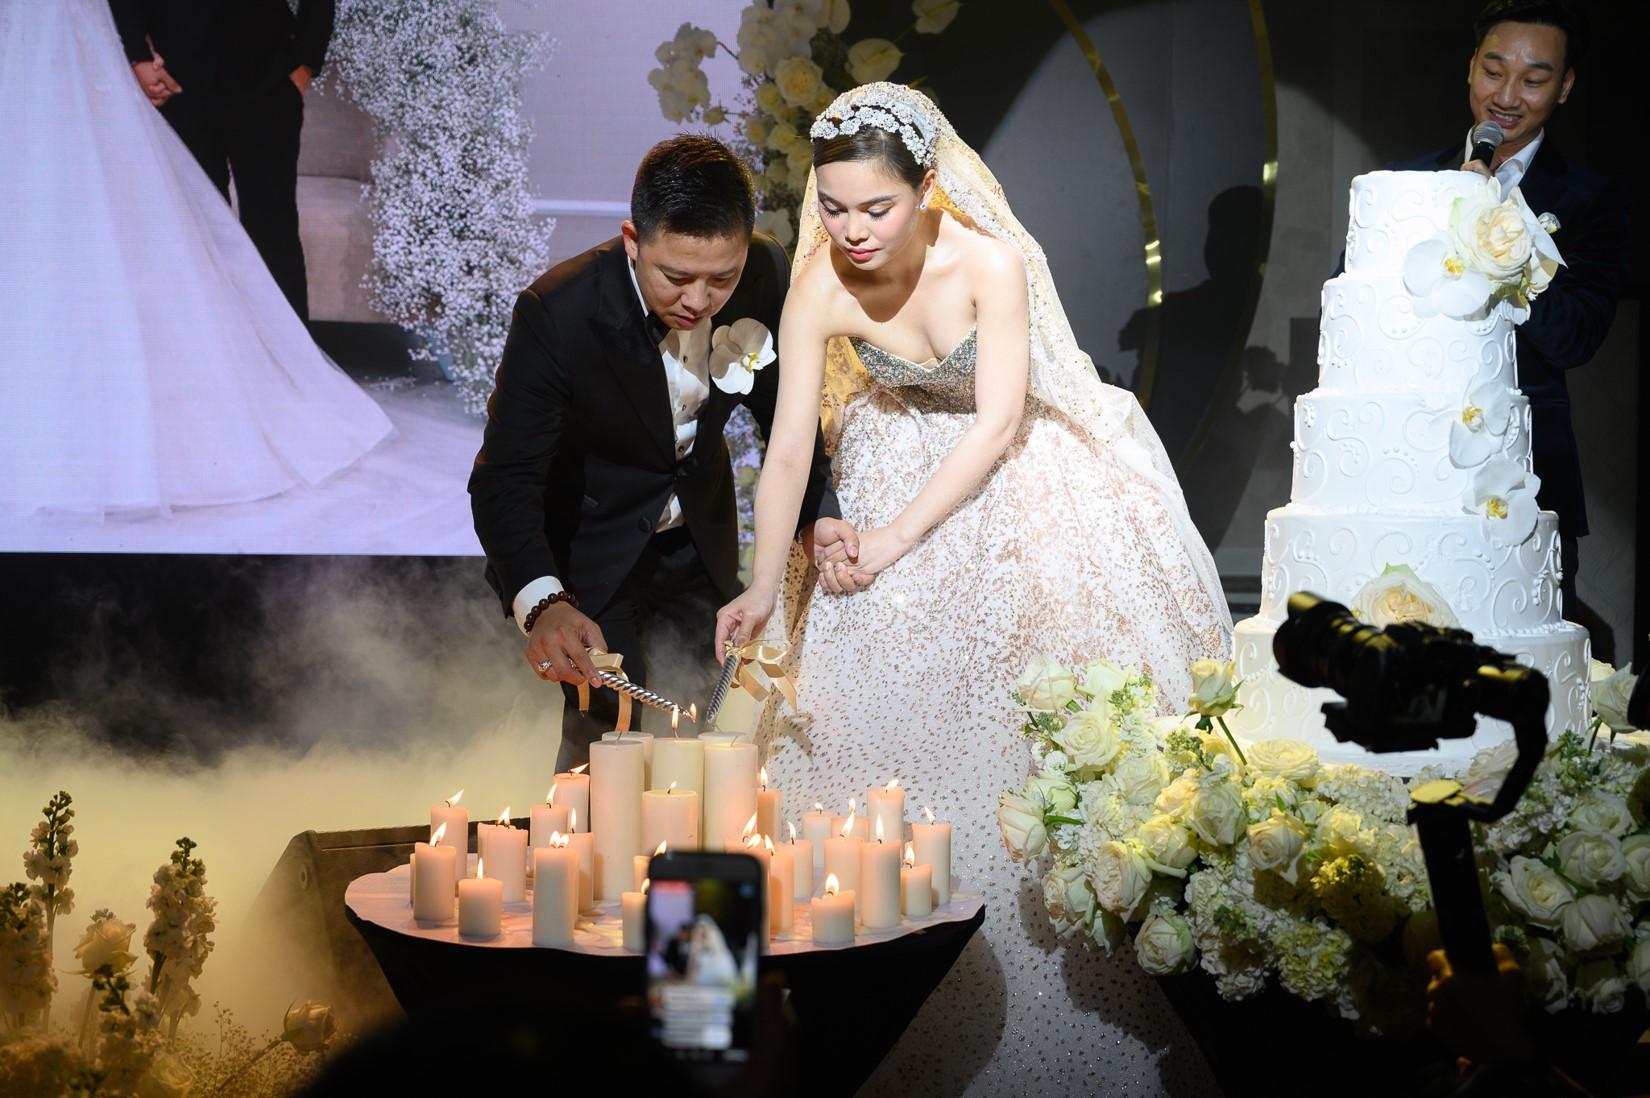 Đám cưới Bảo Thy gây choáng với thực đơn toàn sơn hào hải vị - 6